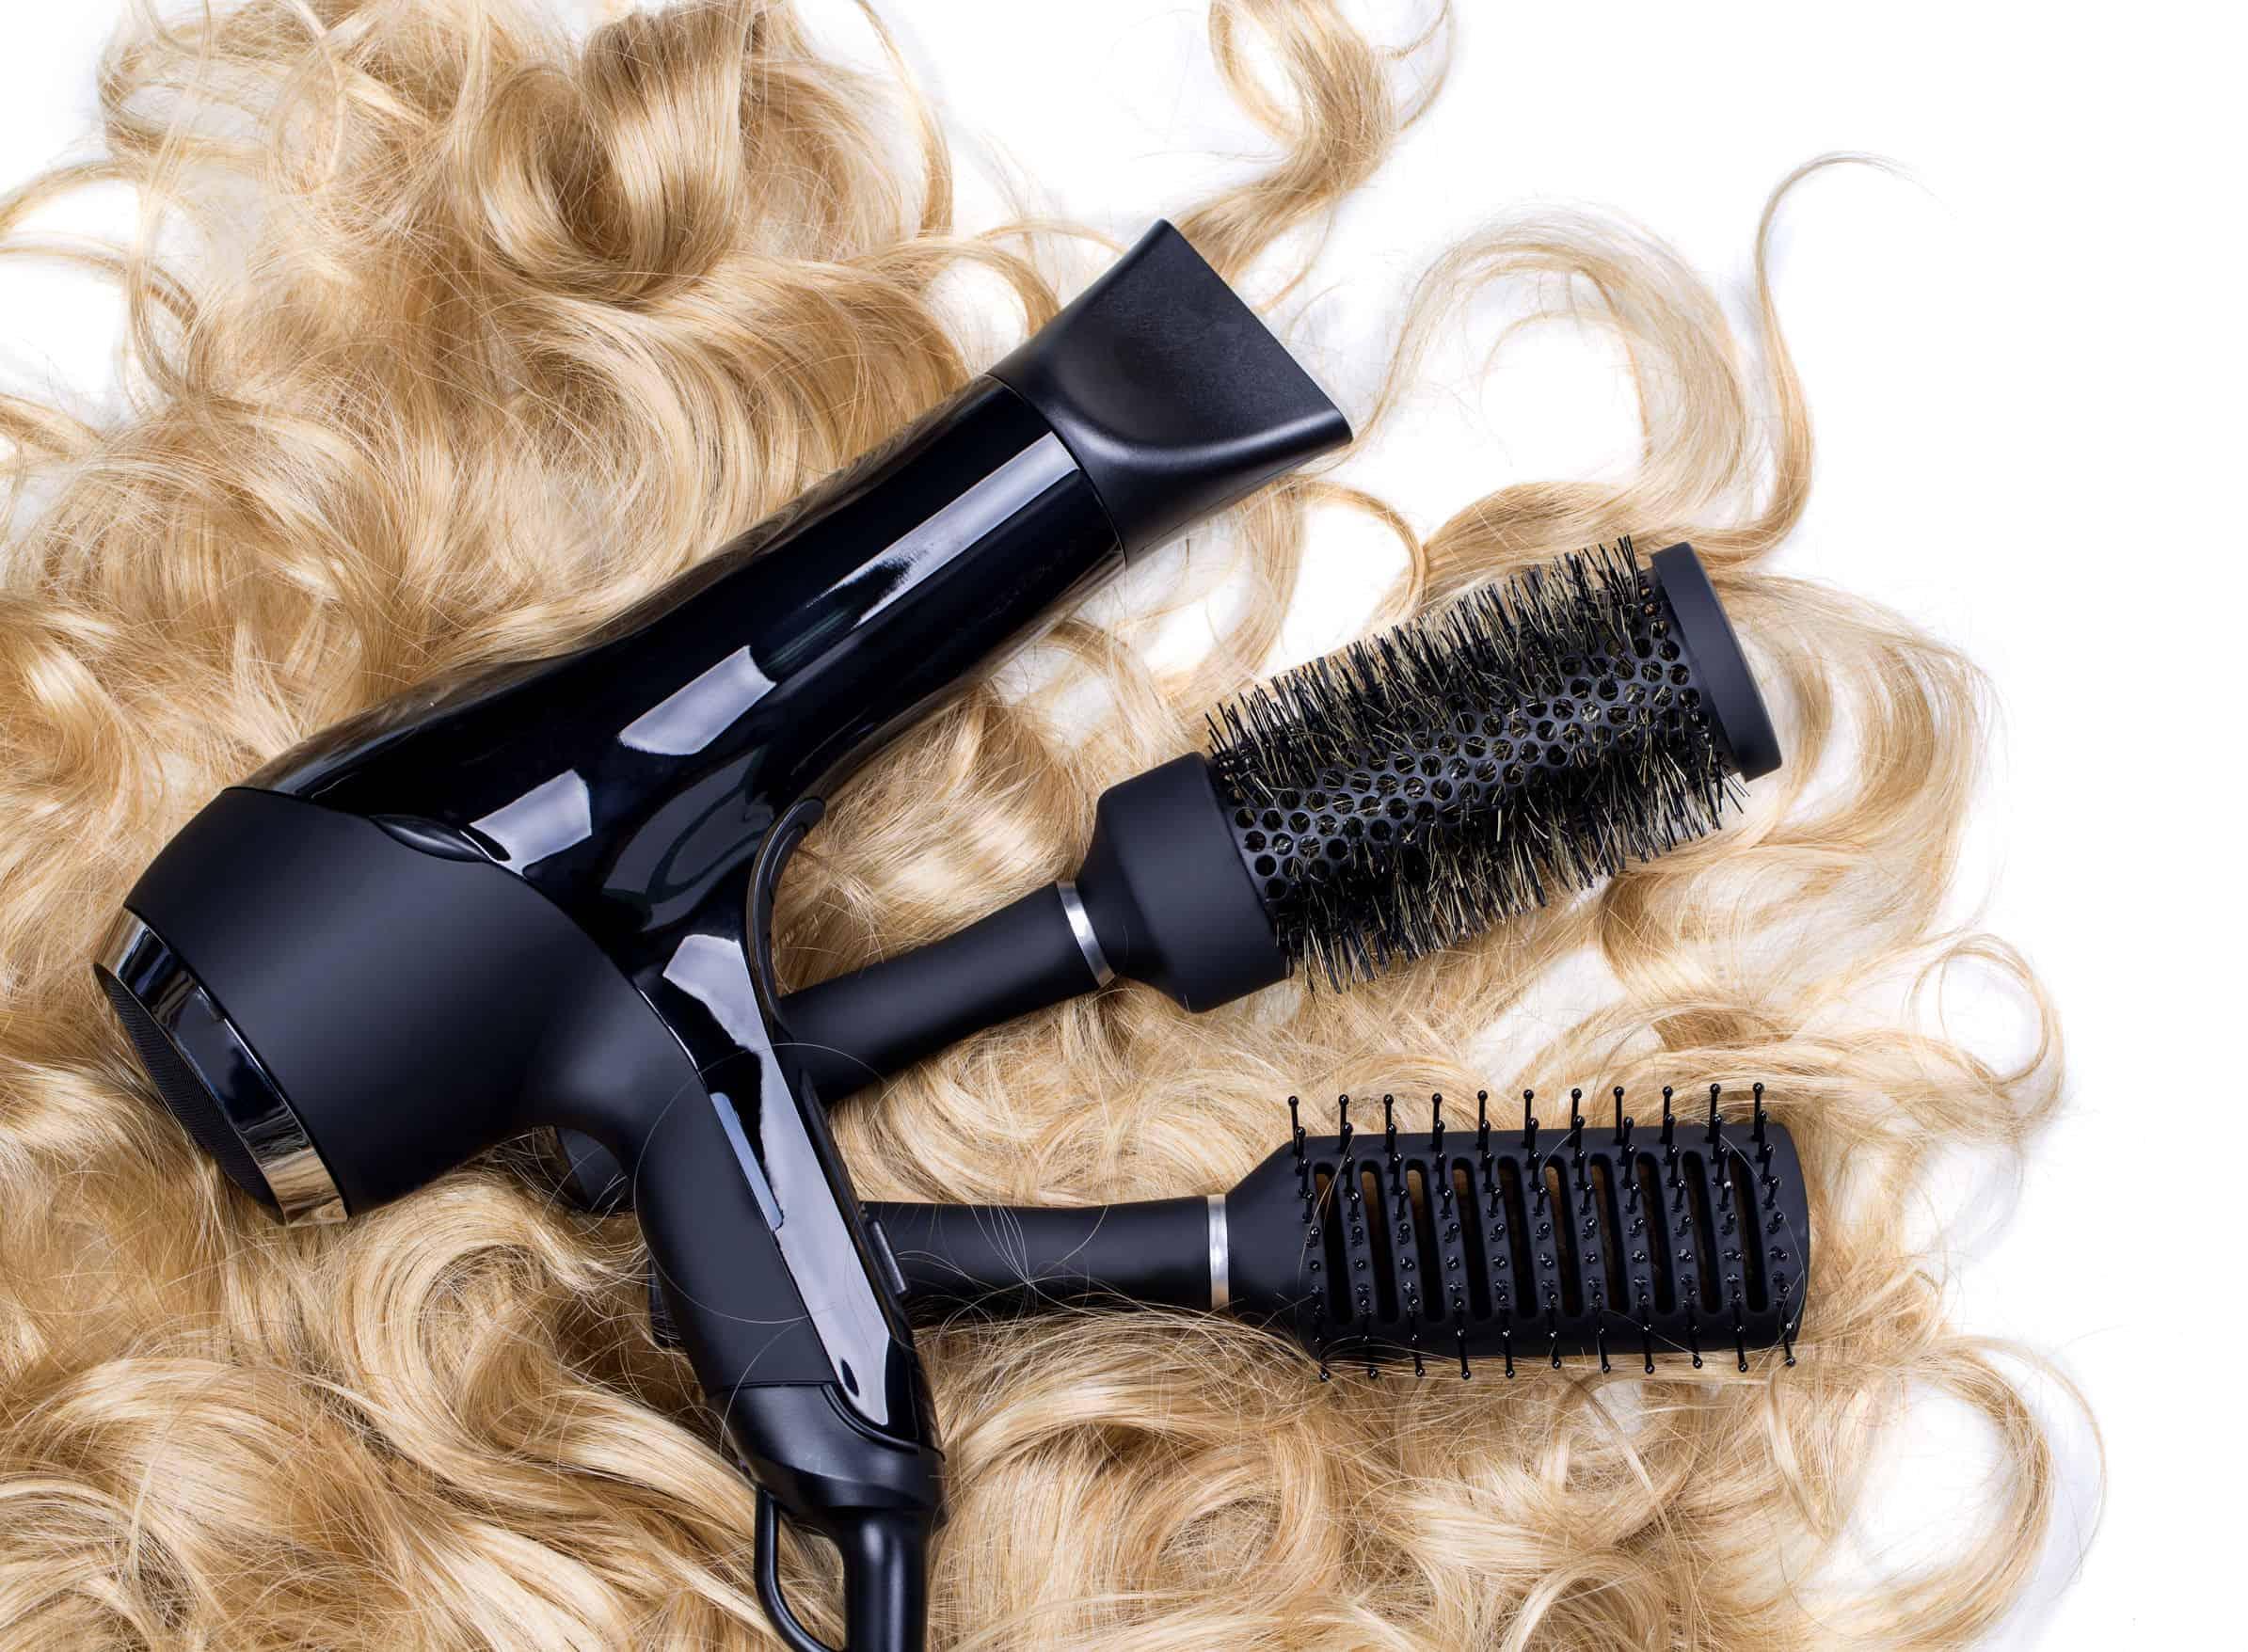 Secadora para cabello: ¿Cuál es la mejor del 2021?